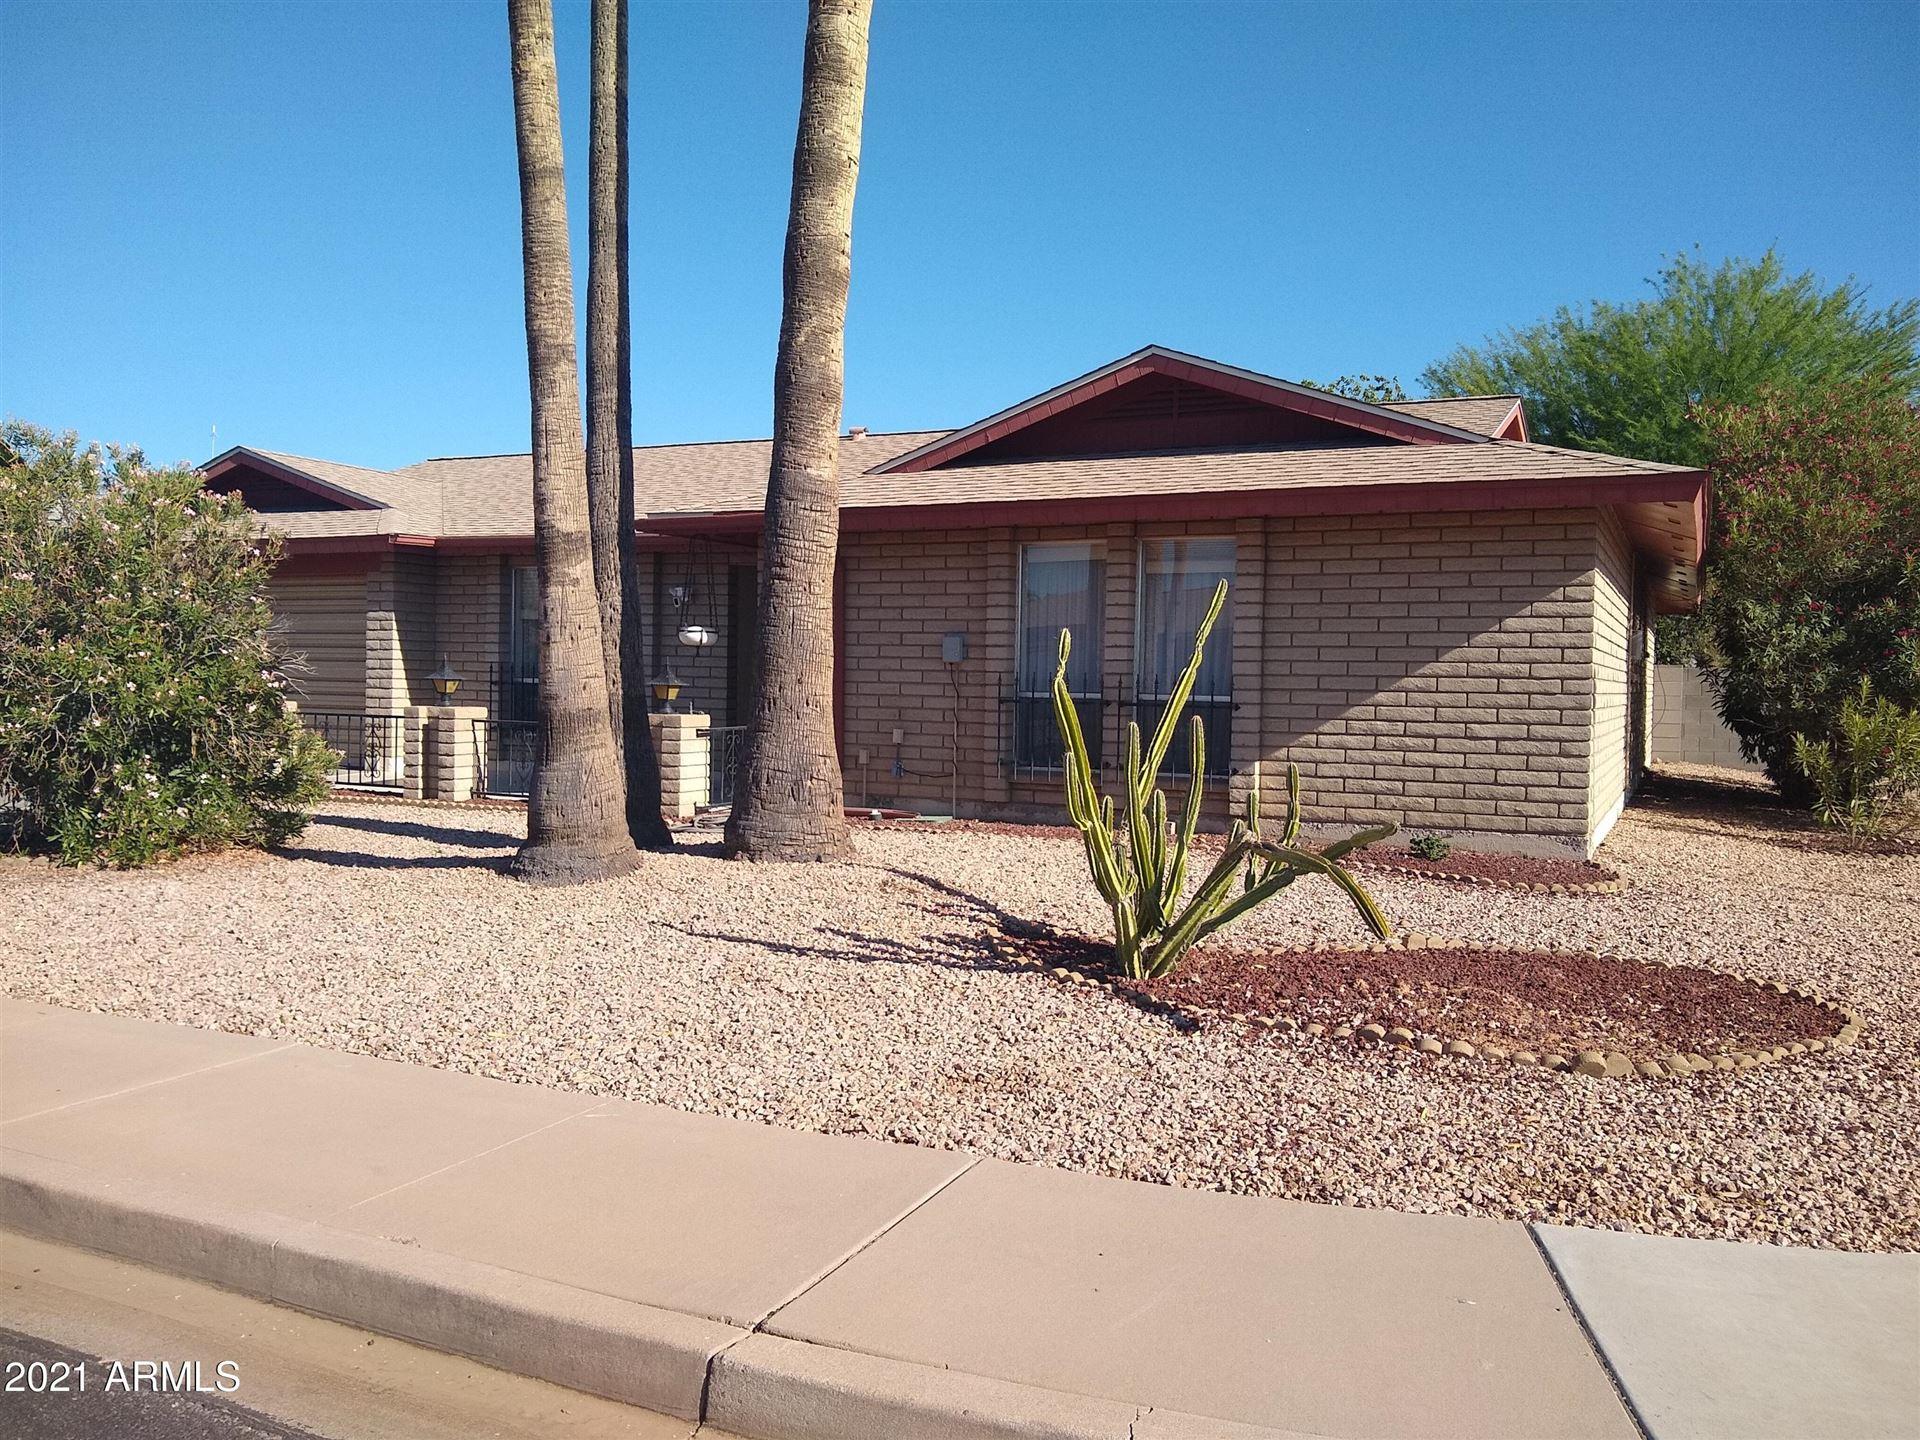 Photo of 4311 E CATALINA Circle, Mesa, AZ 85206 (MLS # 6250027)